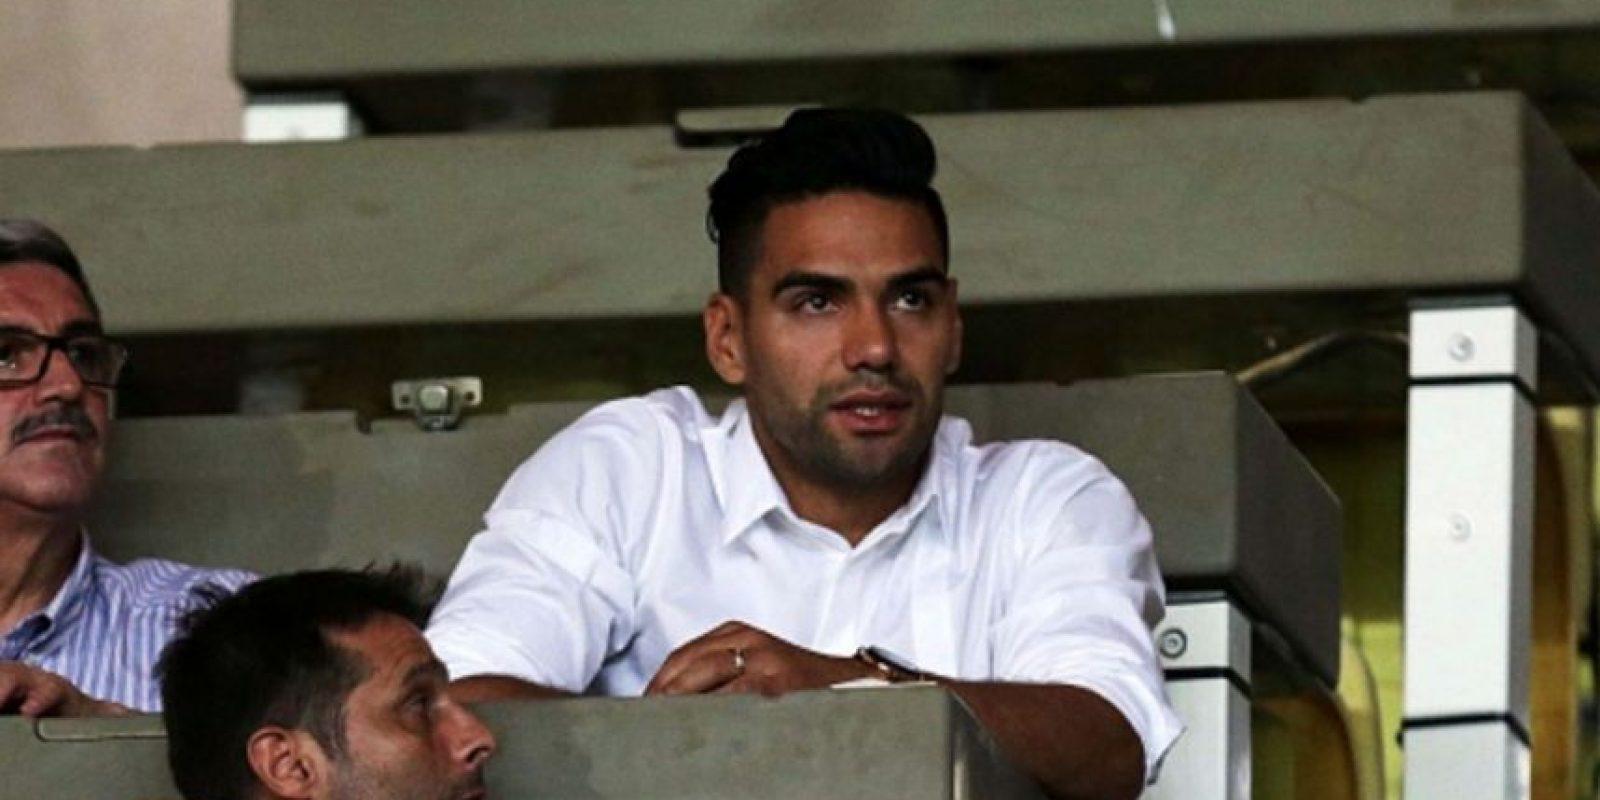 El futbolista Radamel Falcao practica la religión. Foto:vía Getty Images. Imagen Por: